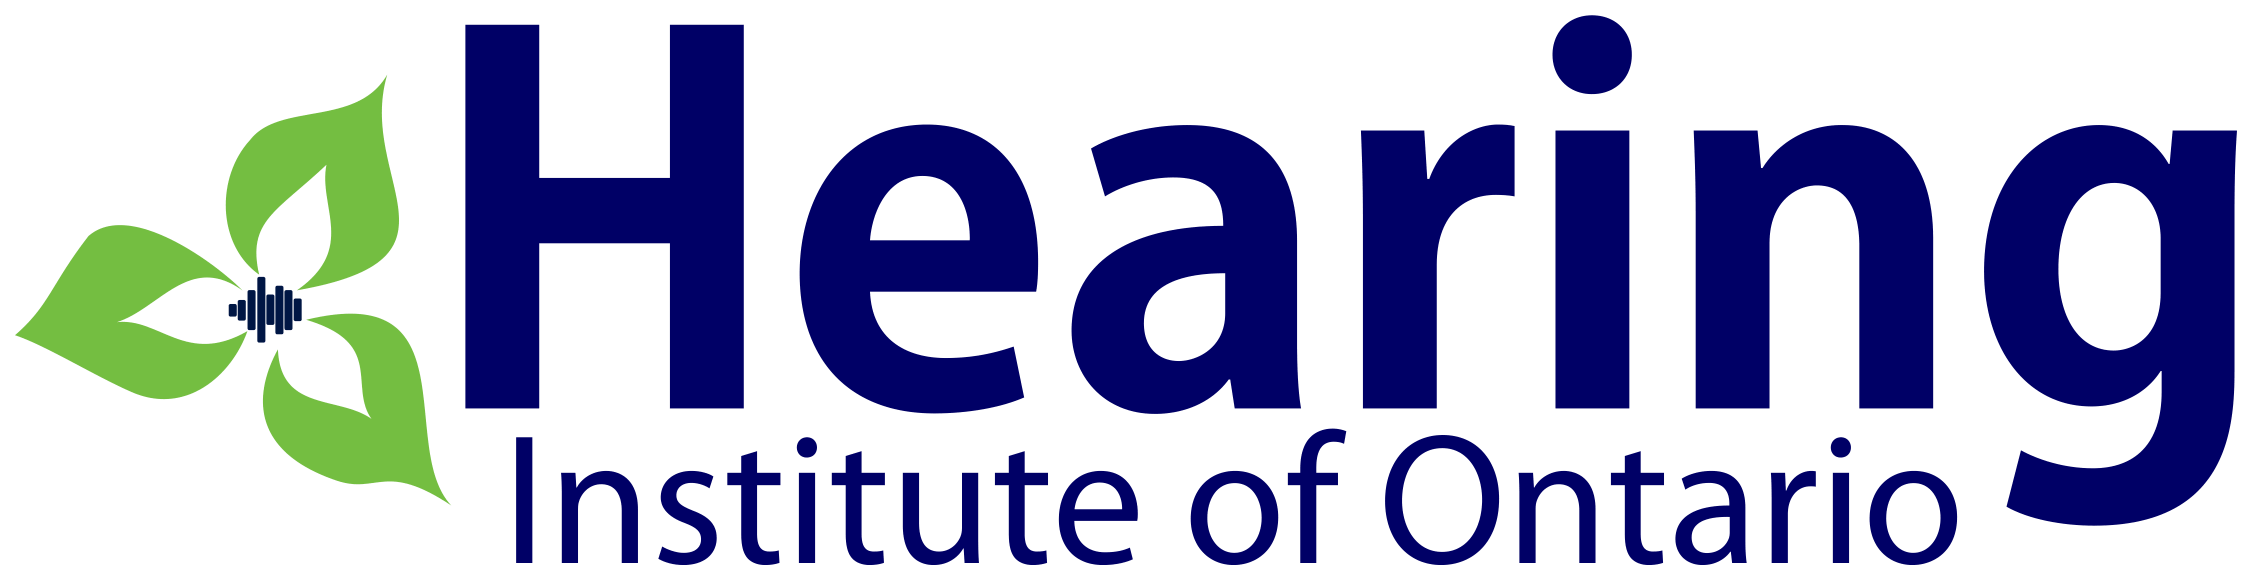 Hearing Institute of Ontario logo